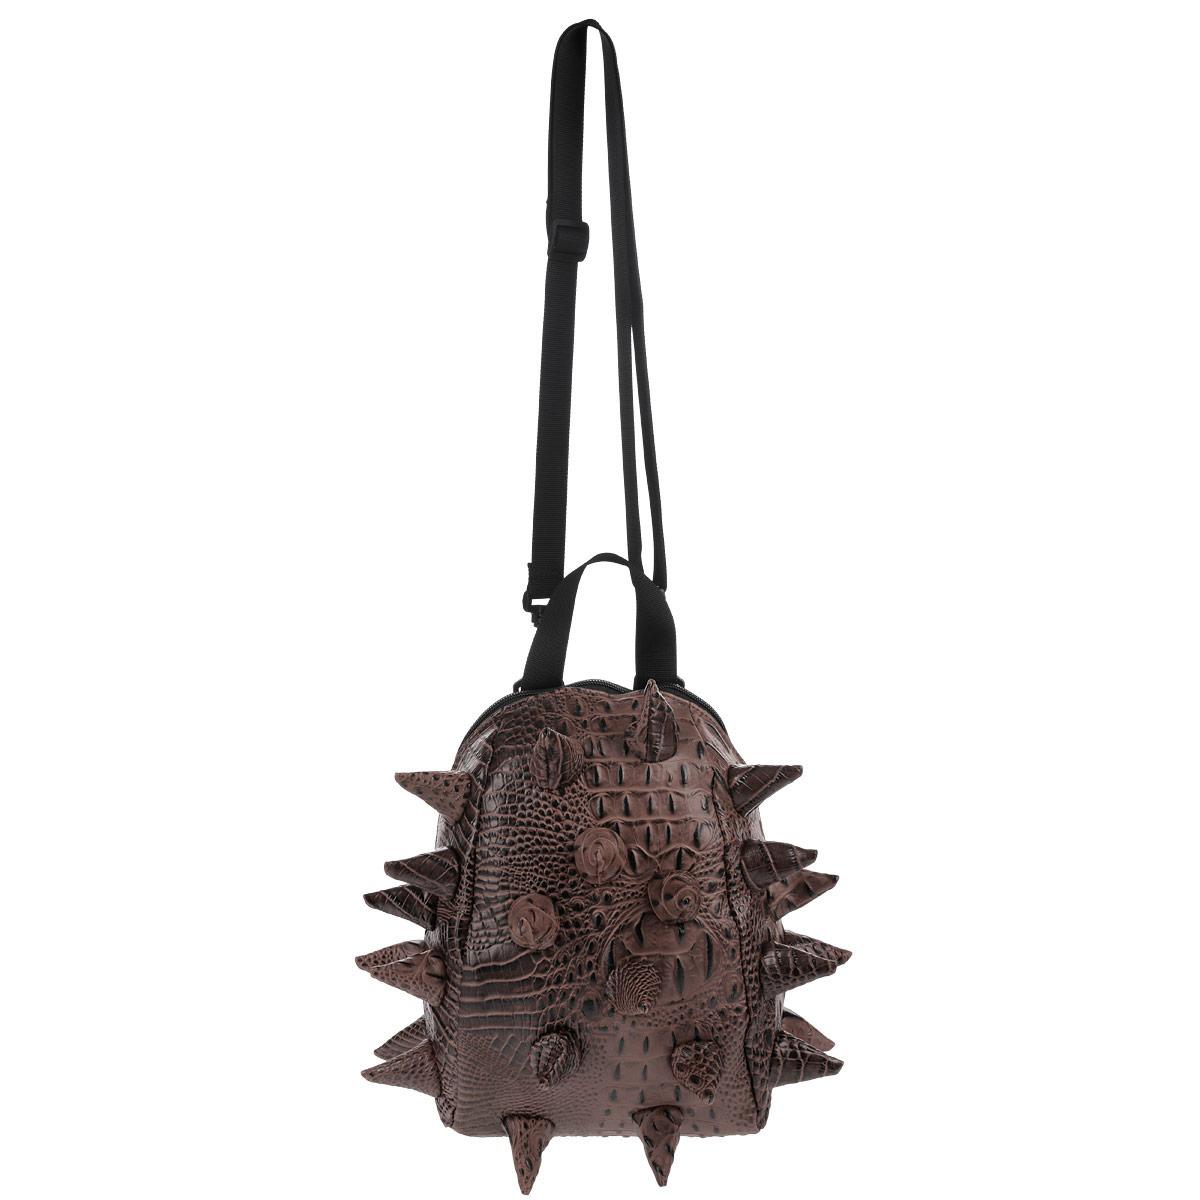 Сумка ланч-бокс MadPax Gator Nibbler, цвет: коричневый, 4 л3965Оригинальная сумка ланч-бокс MadPax Gator Nibbler - это стильный и практичный аксессуар, который поможет сохранить вашу еду и напитки. Верх сумки выполнен из 100% поливинила с тиснением под рептилию, шипы придают изделию неповторимый дизайн. Сумка имеет одно основное отделение, которое закрывается на застежку-молнию. Внутренняя поверхность отделана специальным термоизолирующим материалом, который сохранит напитки прохладными, а домашние сэндвичи теплыми. Специальный кармашек на резинке очень удобен для напитков. Сумка имеет длинный съемный регулируемый ремень, который позволяет носить ее через плечо, и дополнительную ручку для переноски. Сзади расположен кармашек из прозрачного ПВХ для визитки. MadPax - это крутые аксессуары в стиле фанк, которые своим неповторимым дизайном бросают вызов монотонности и скуке. Эти уникальные изделия помогают детям всех возрастов самовыражаться, а их внутренняя структура с отделениями, карманами и застежками-молниями делает их...